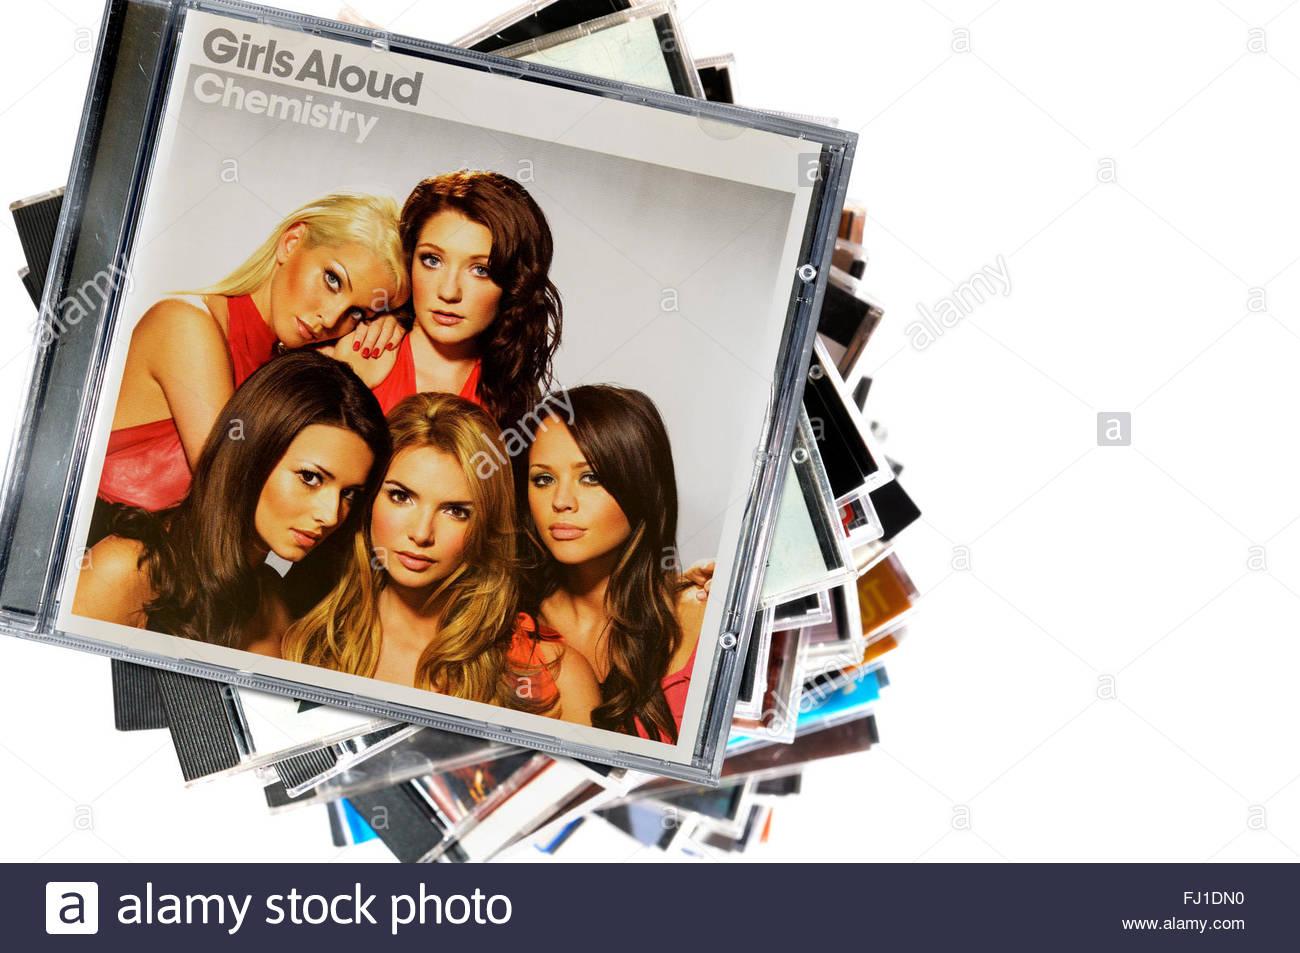 Girls Aloud 2005 album Chemistry, piled music CD cases, Dorset England - Stock Image